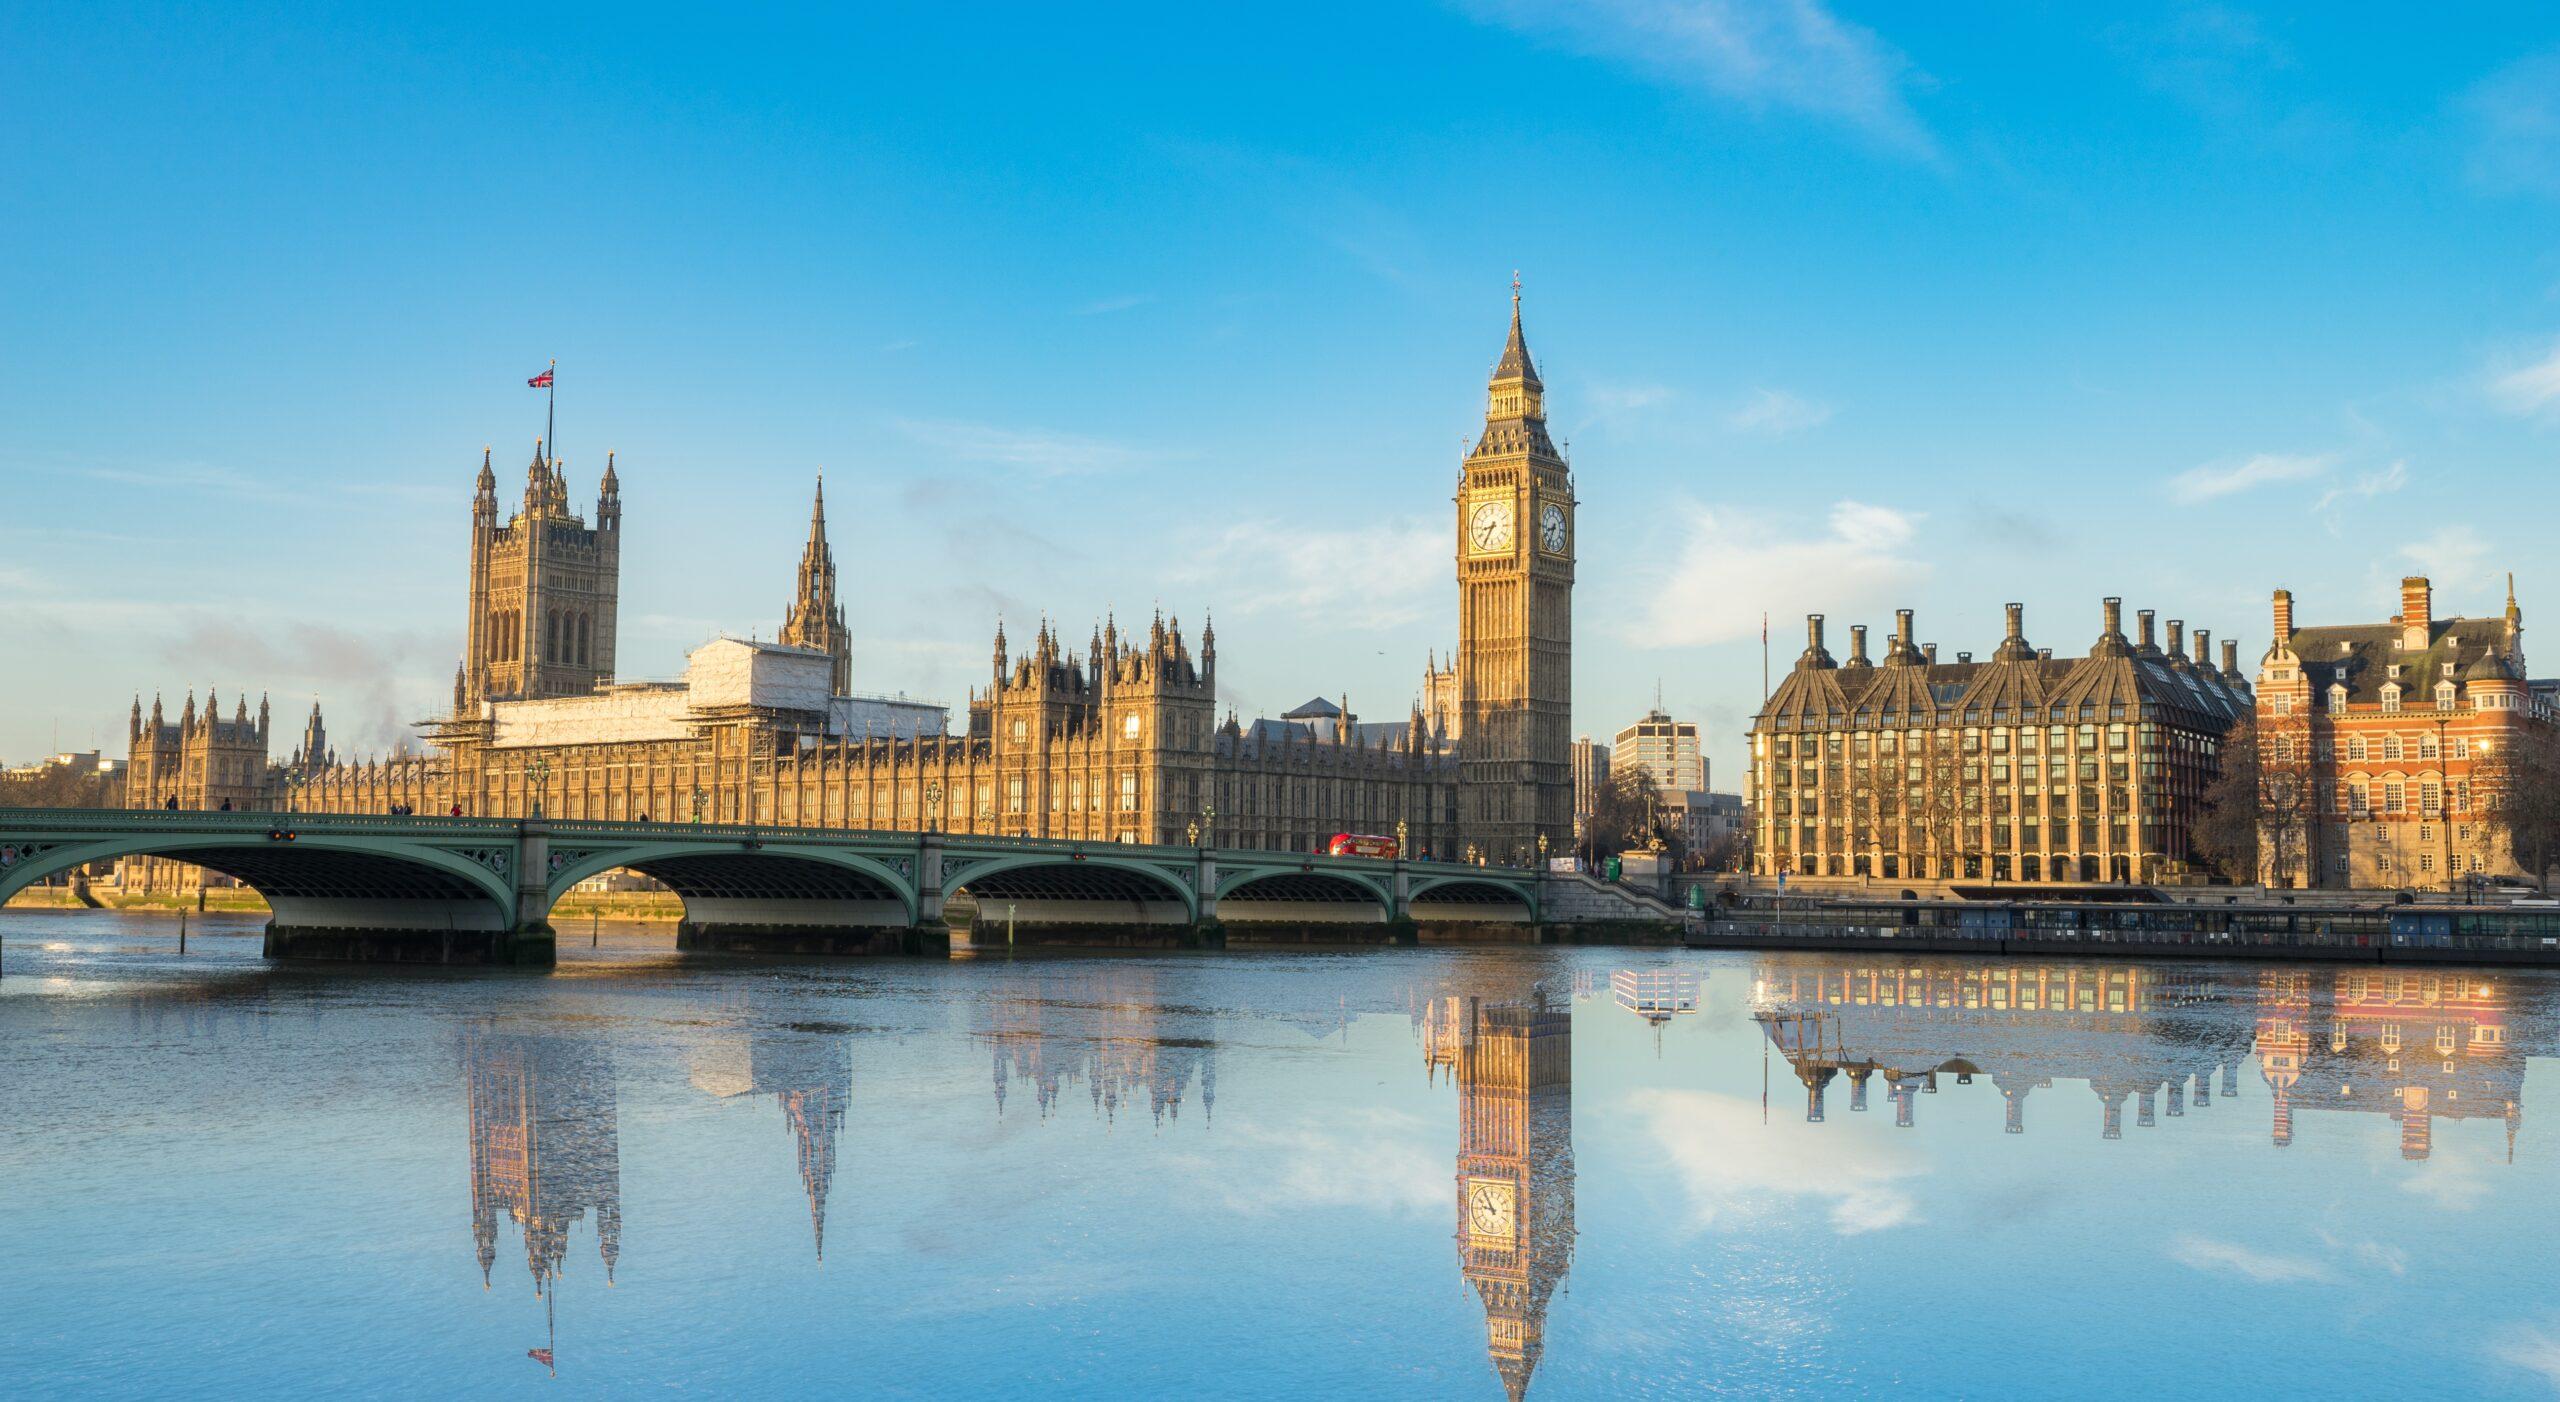 Comment obtenir un visa pour l'Angleterre ?